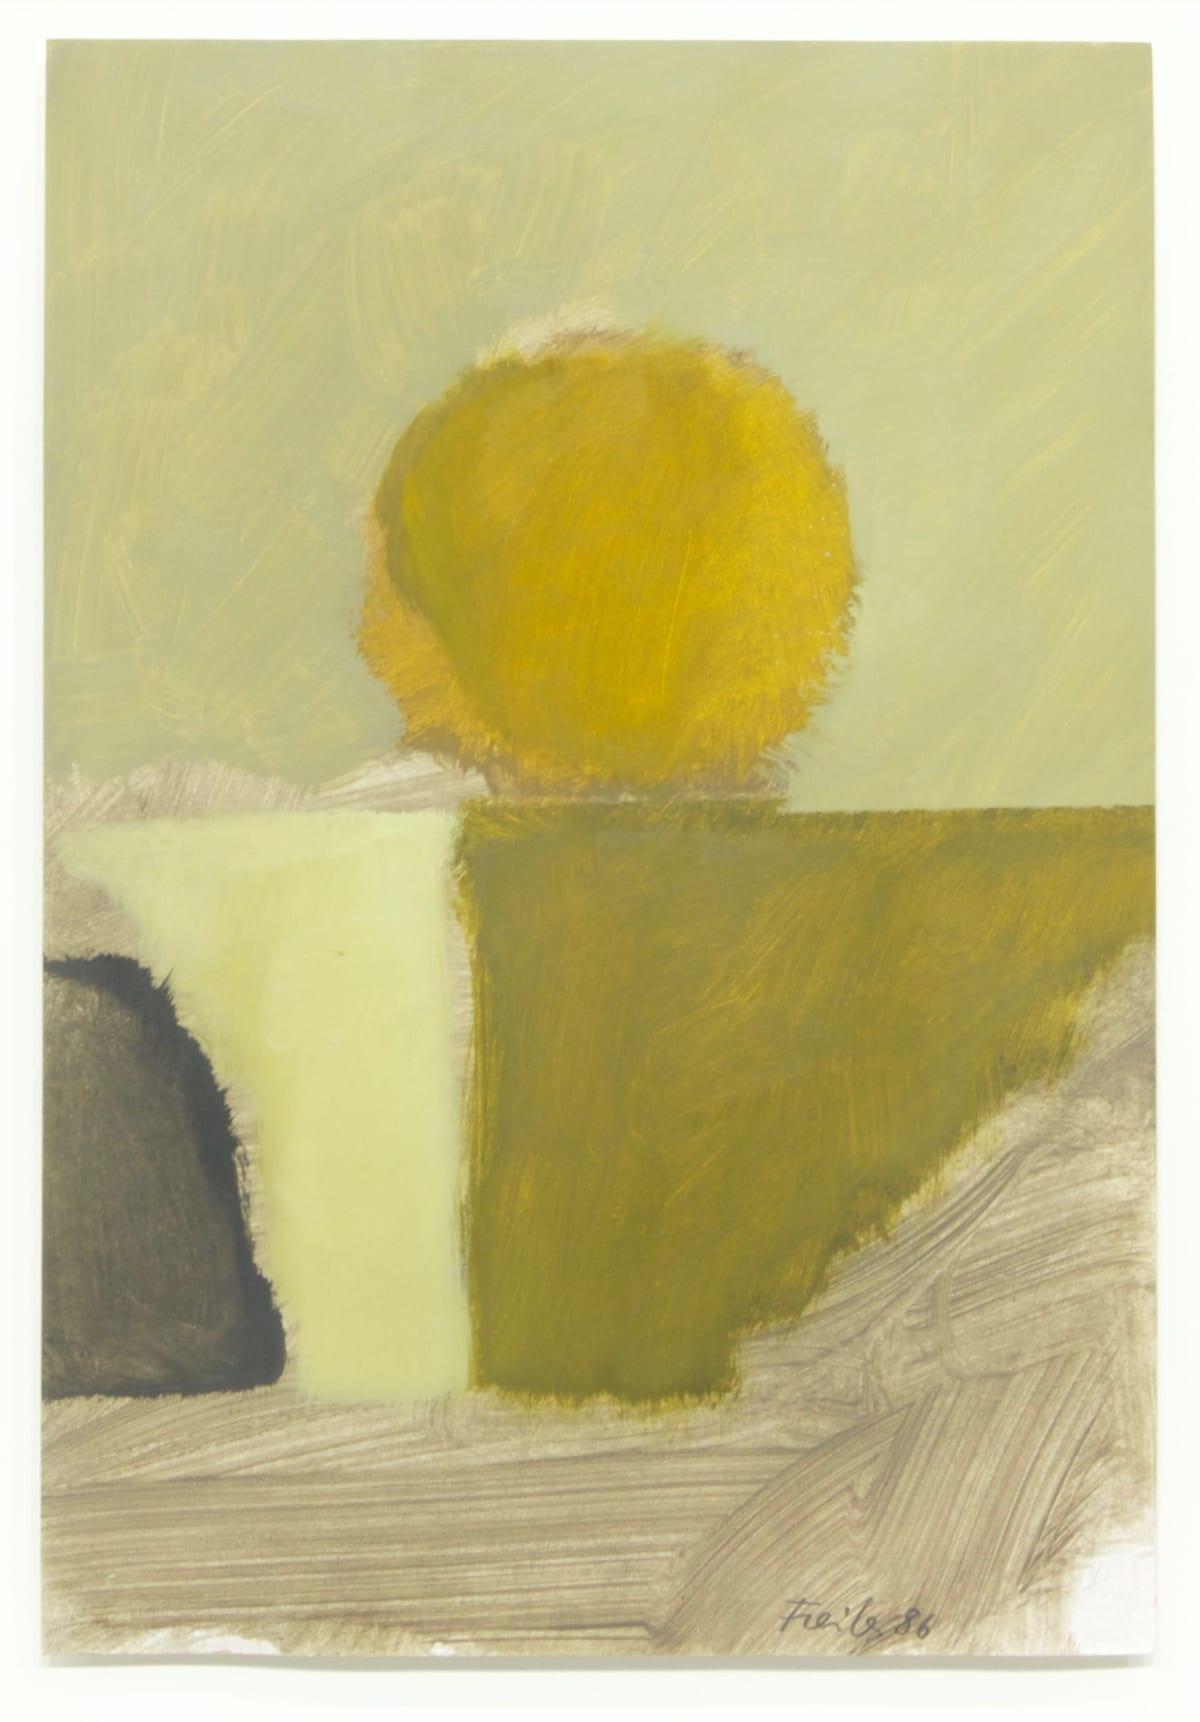 Antonio Freiles SENZA TITOLO, 1986 oil on paper. 48 x 33 cm (18.9 x 13 in)